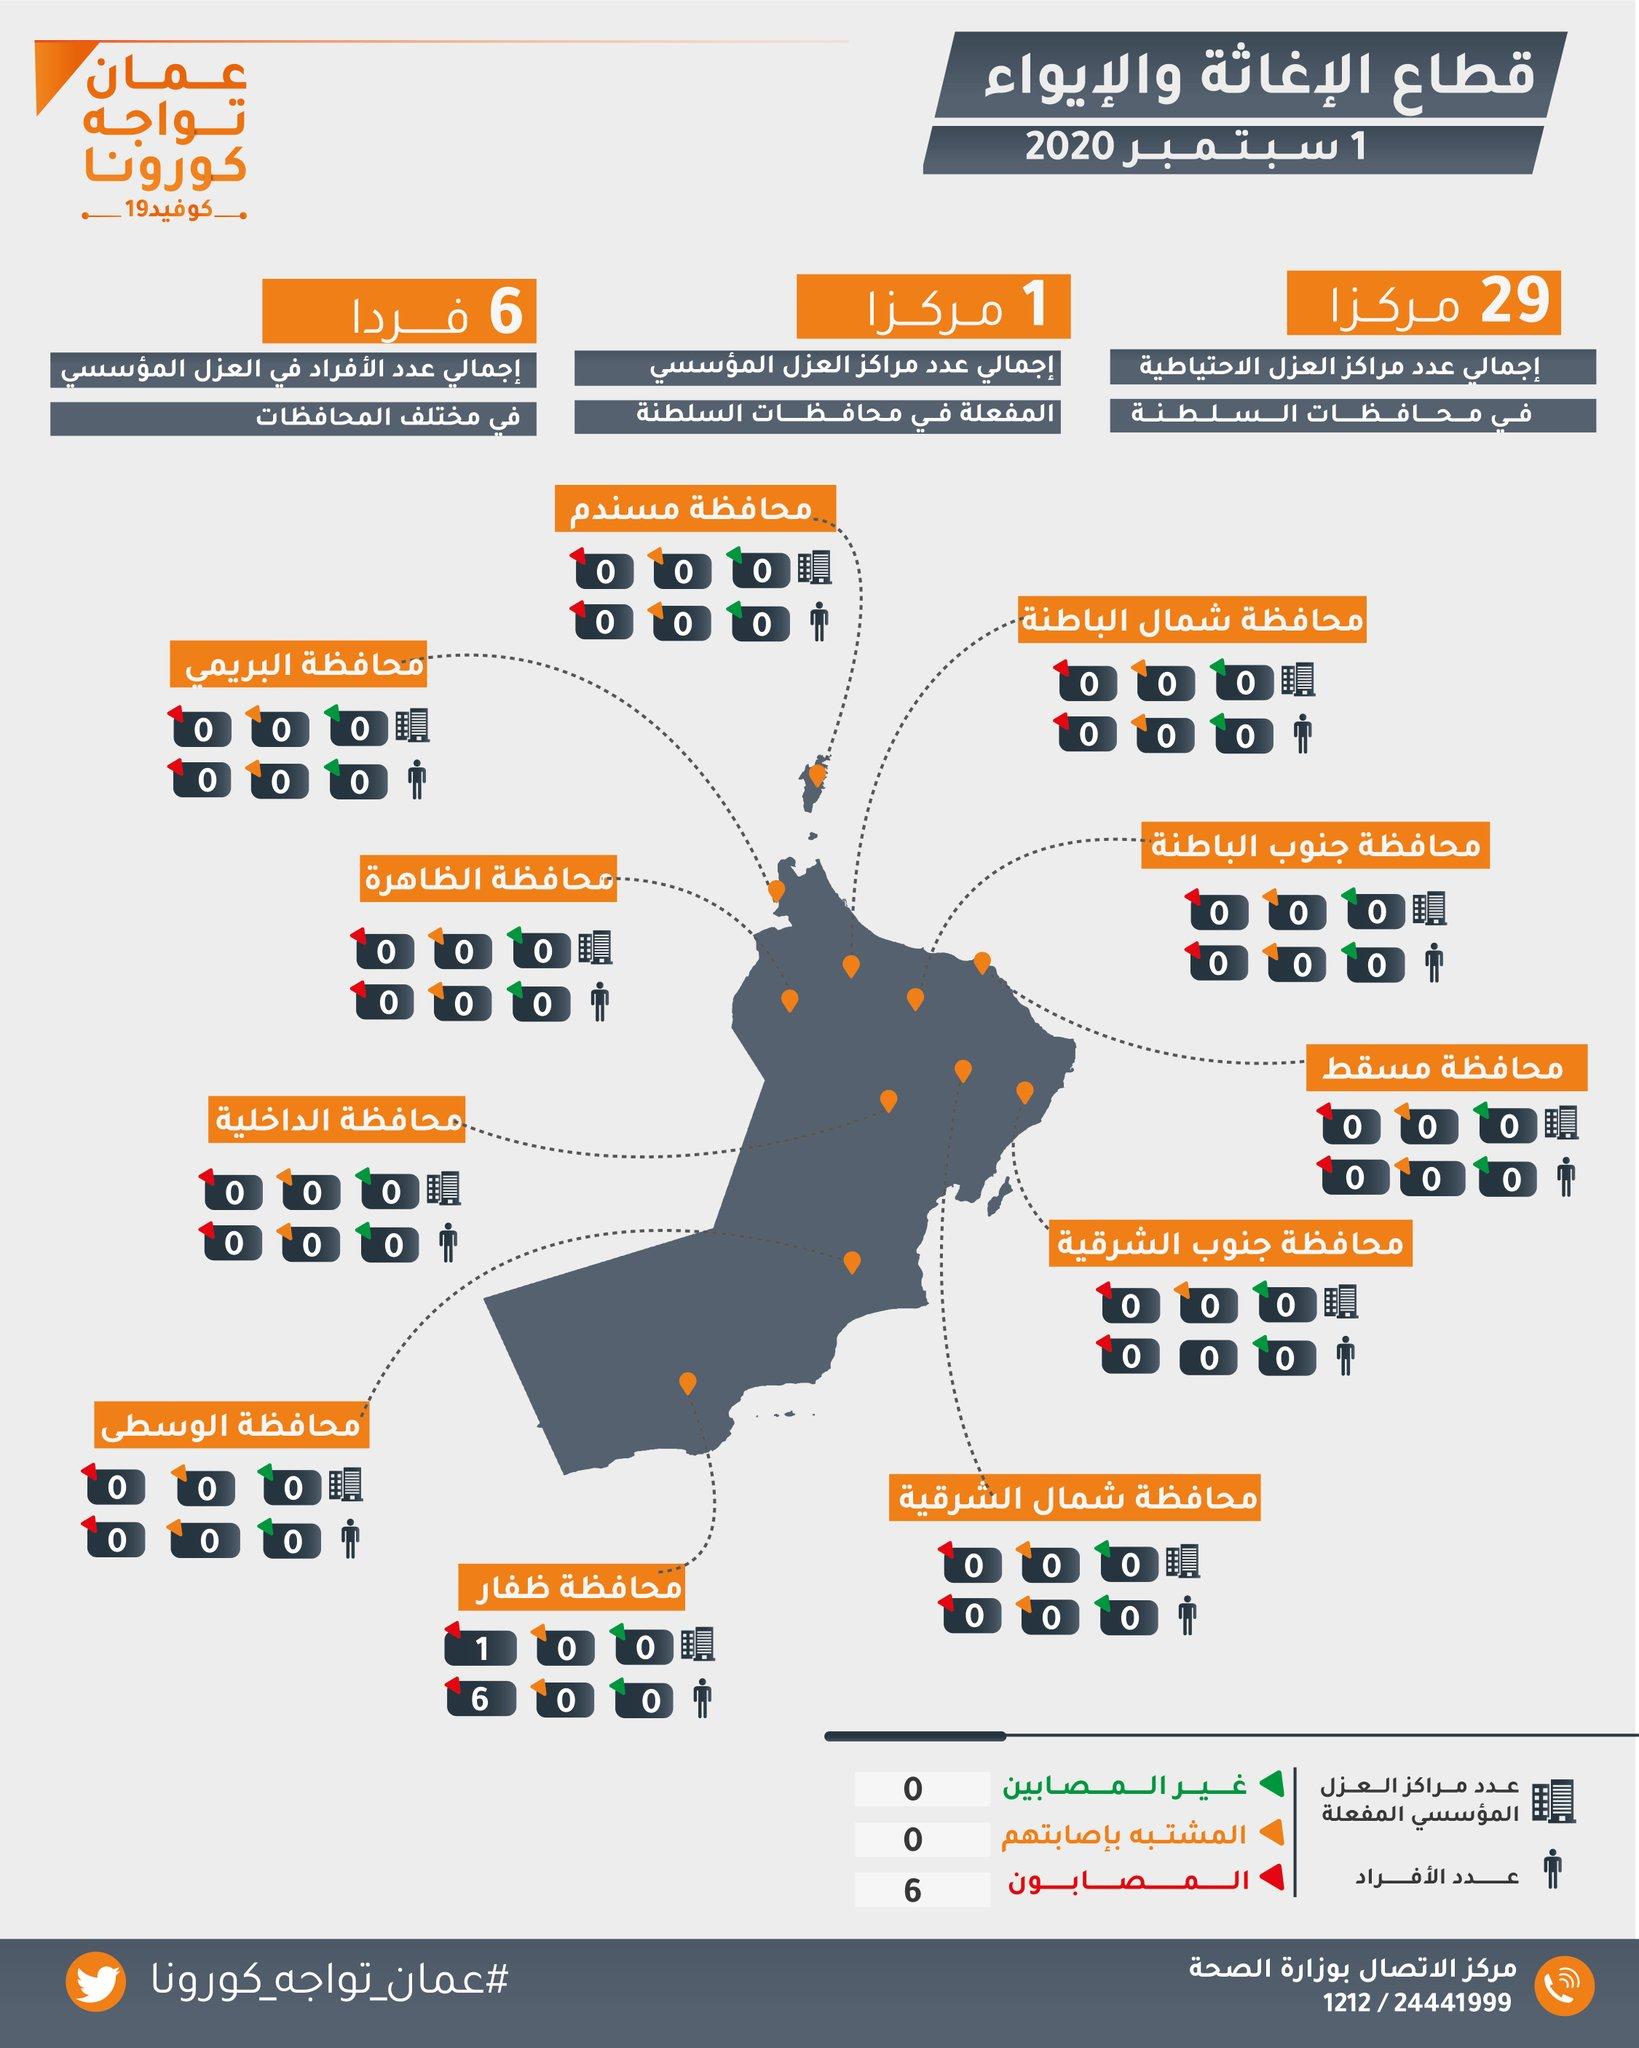 عمان تواجه كورونا..6 أشخاص في العزل المؤسسي فقط